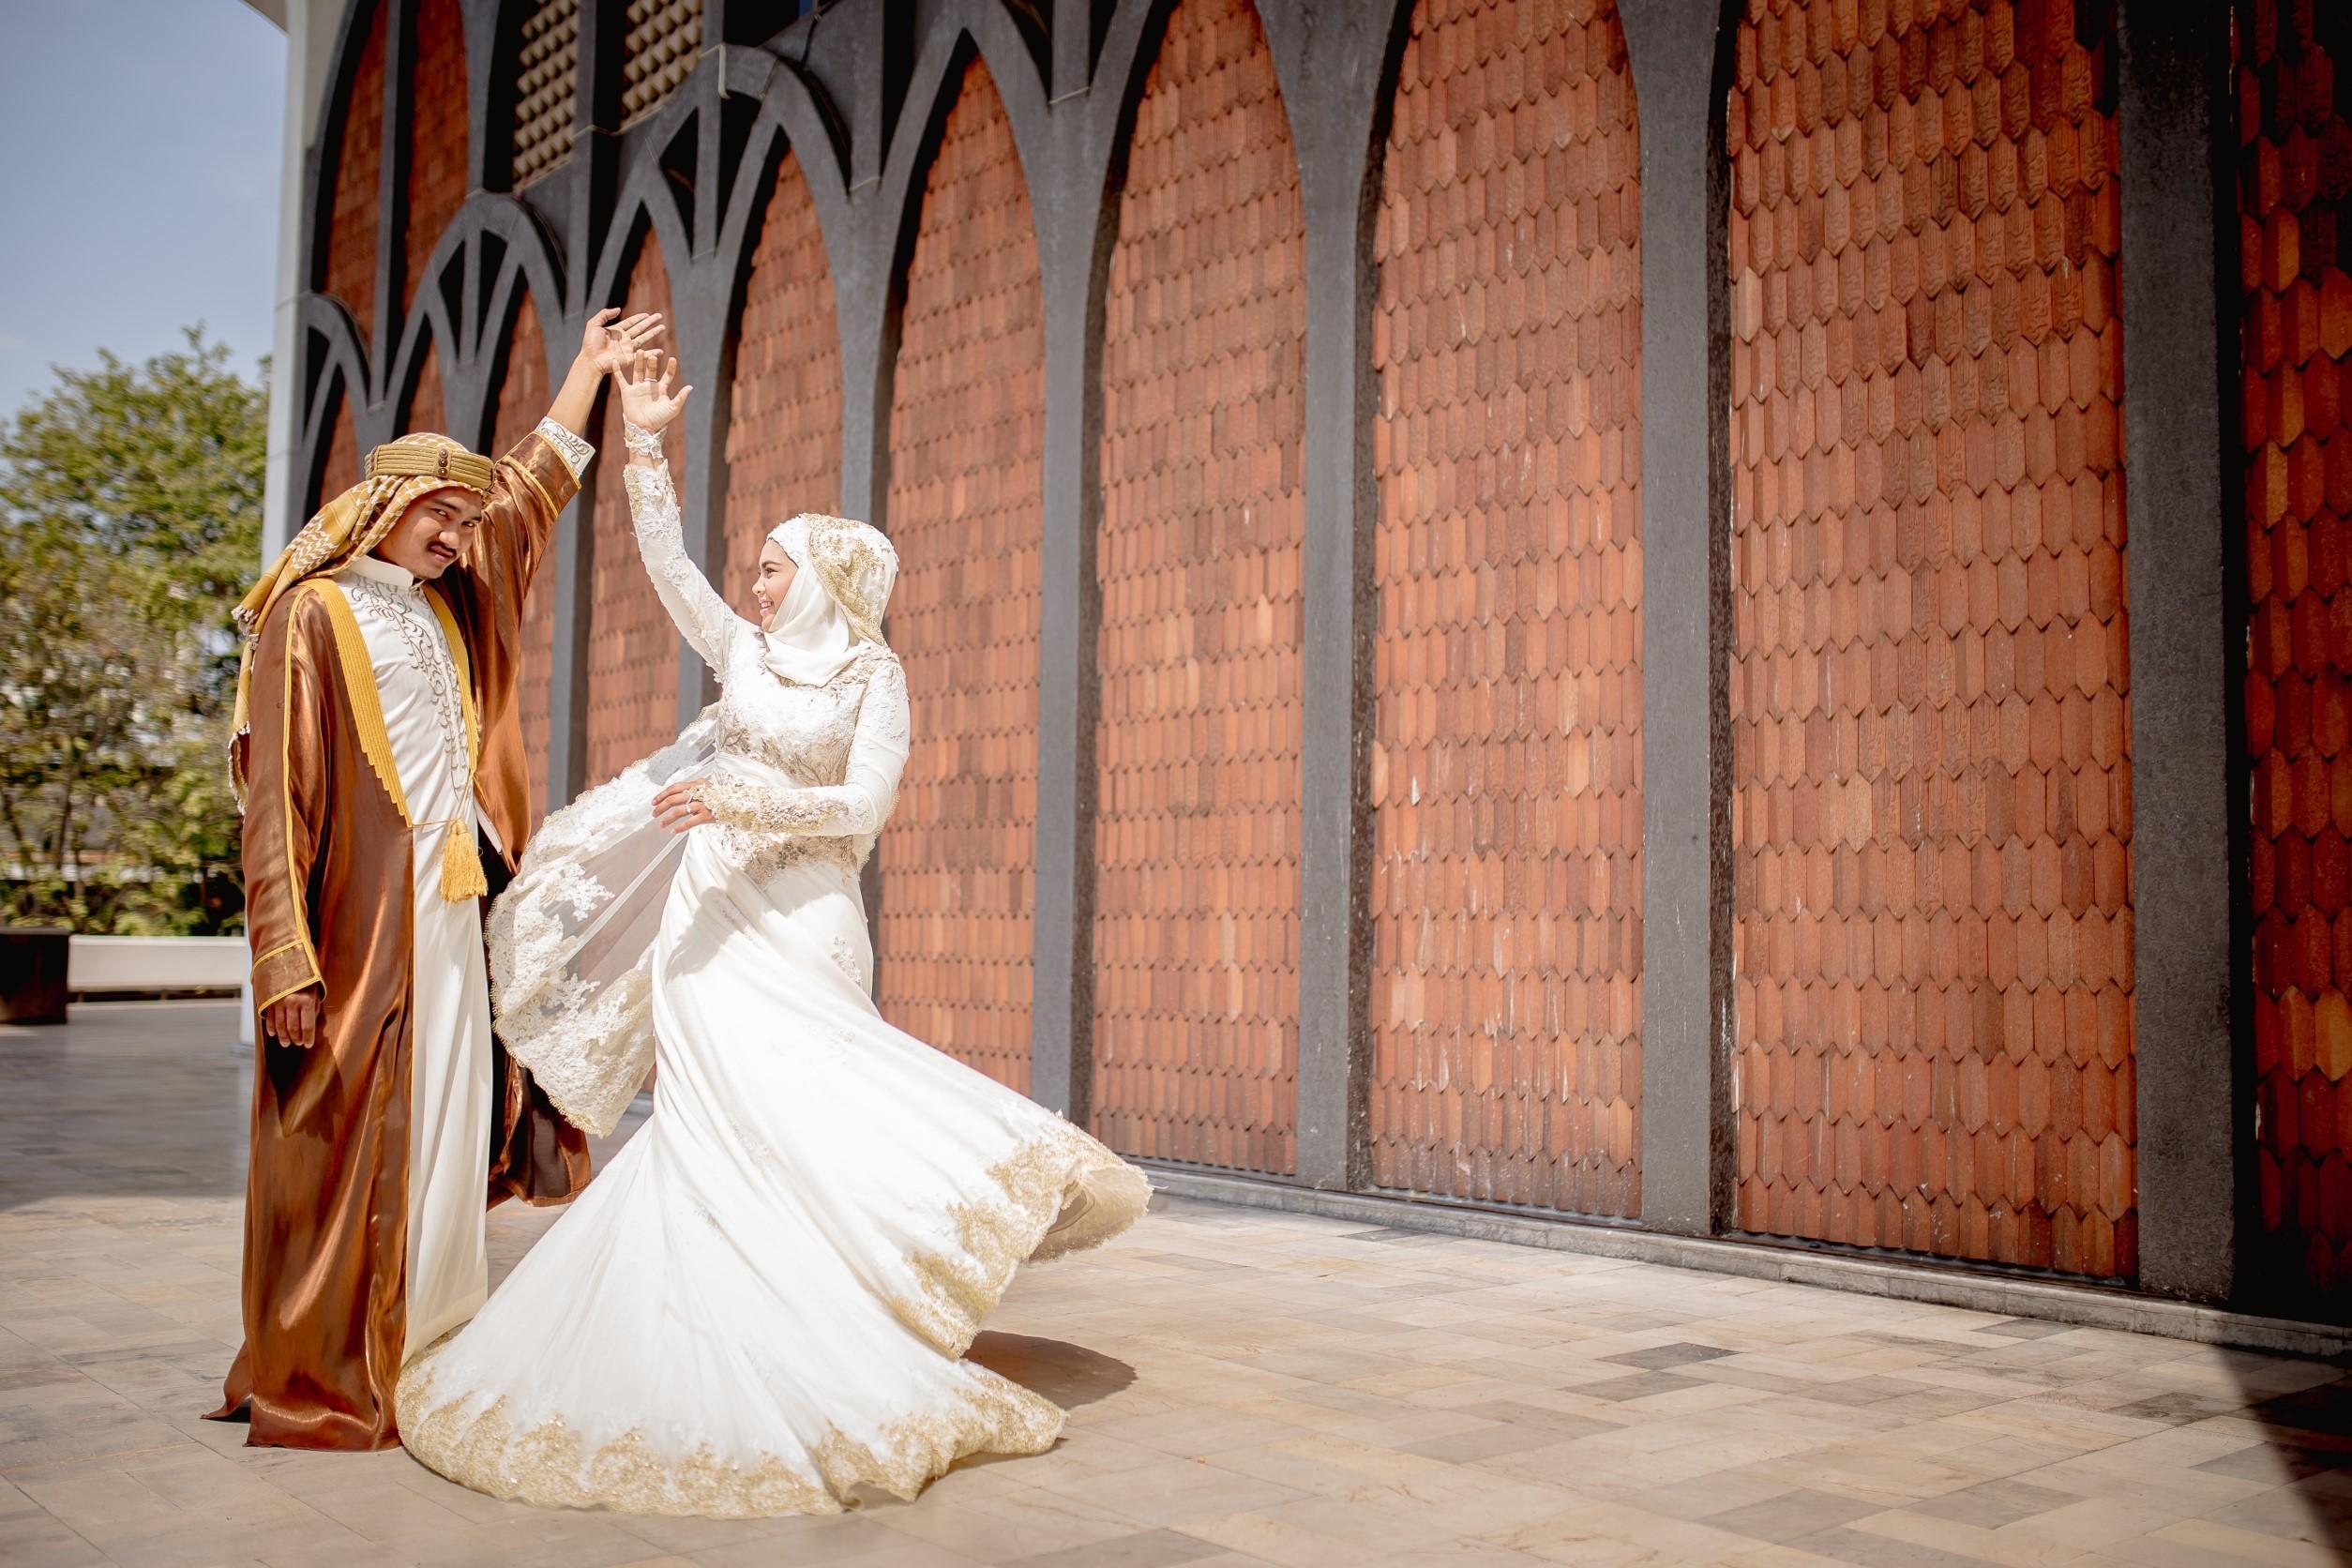 ถ่ายภาพแต่งงานอิสลาม พรีเว็ดดิ้งอิสลาม prewedding